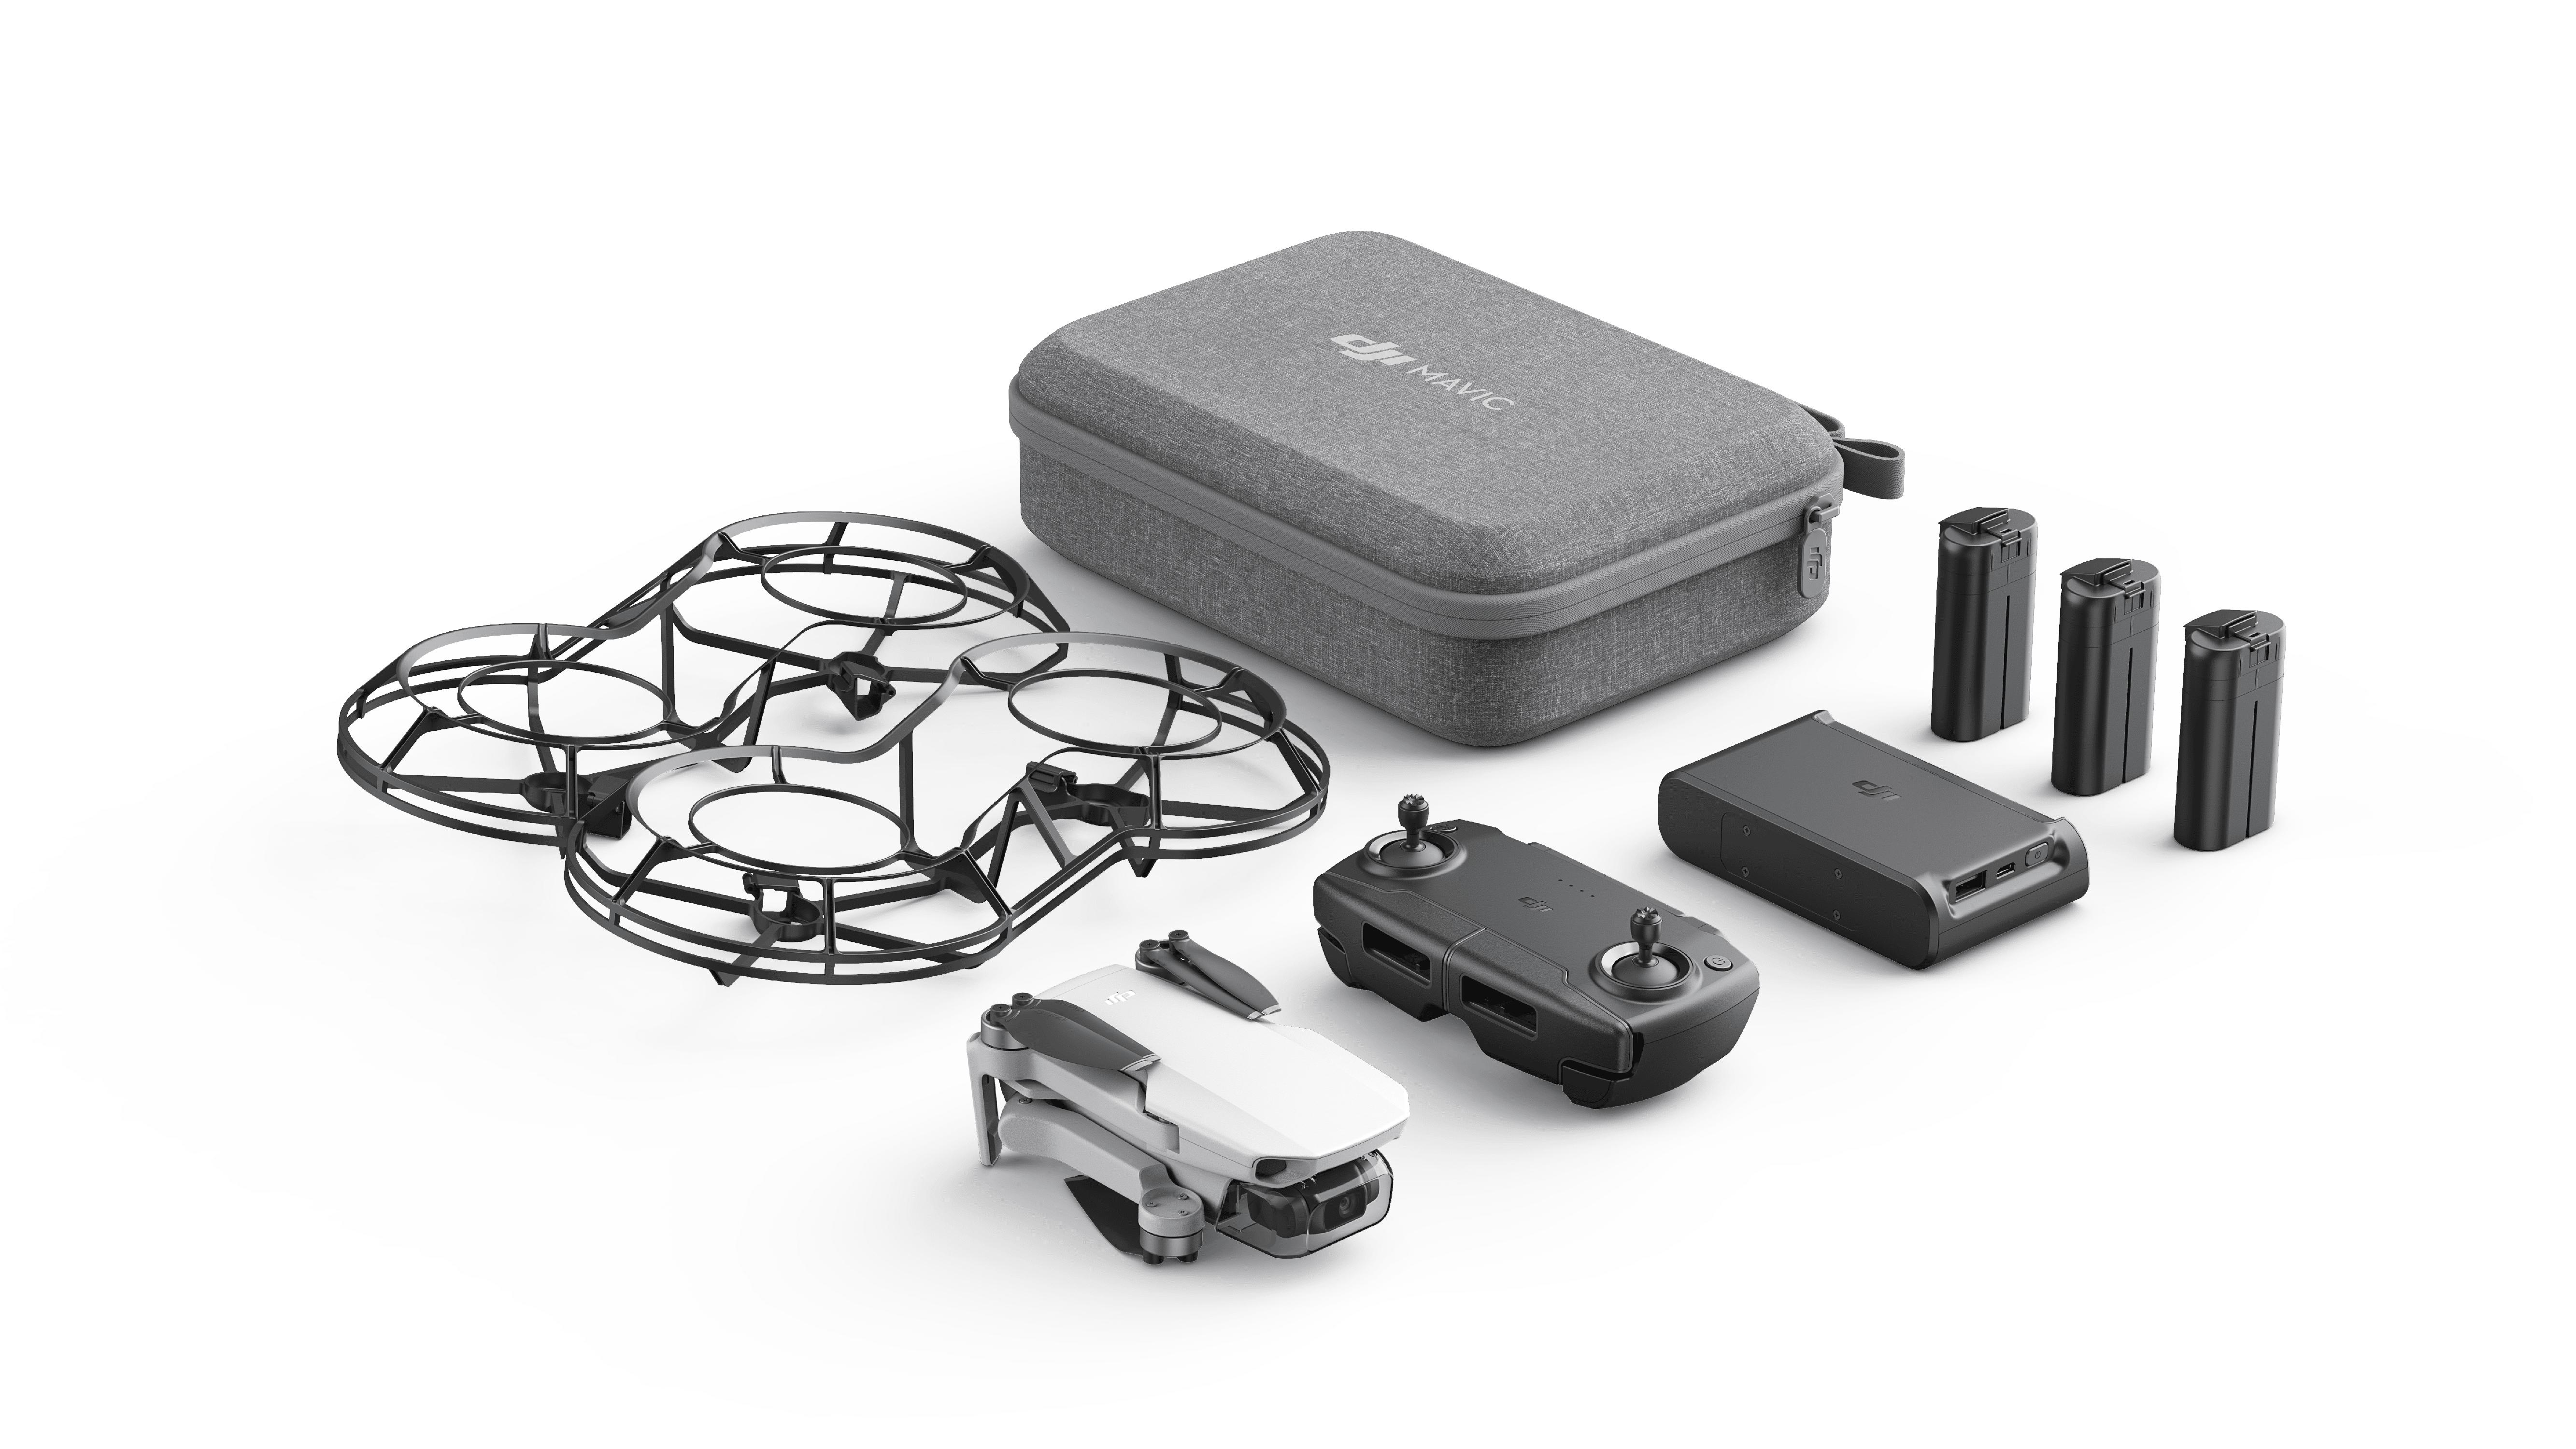 DJI Mavic Mini Fly More Combo (Mavic Mini Quadcopter, 3 x Battery, 360 Propeller Guard) + More